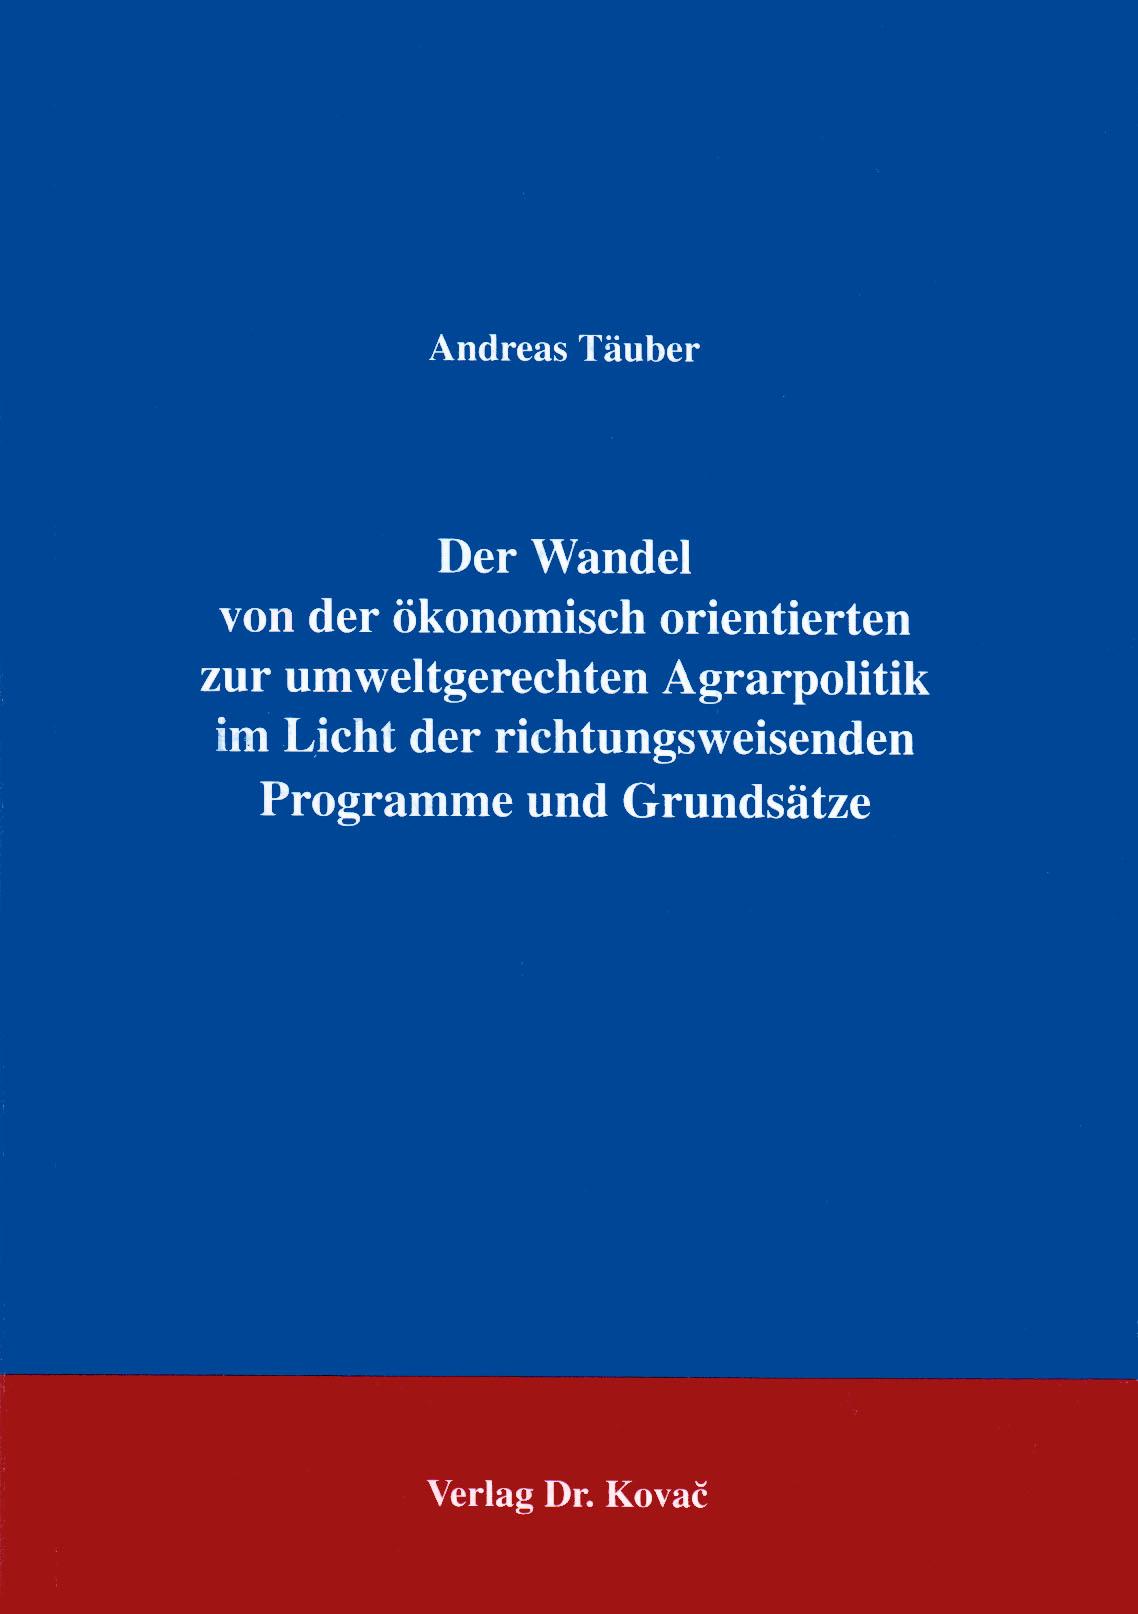 Cover: Der Wandel von der ökonomisch orientierten zur umweltgerechten Agrarpolitik im Licht der richtungsweisenden Programme und Grundsätze